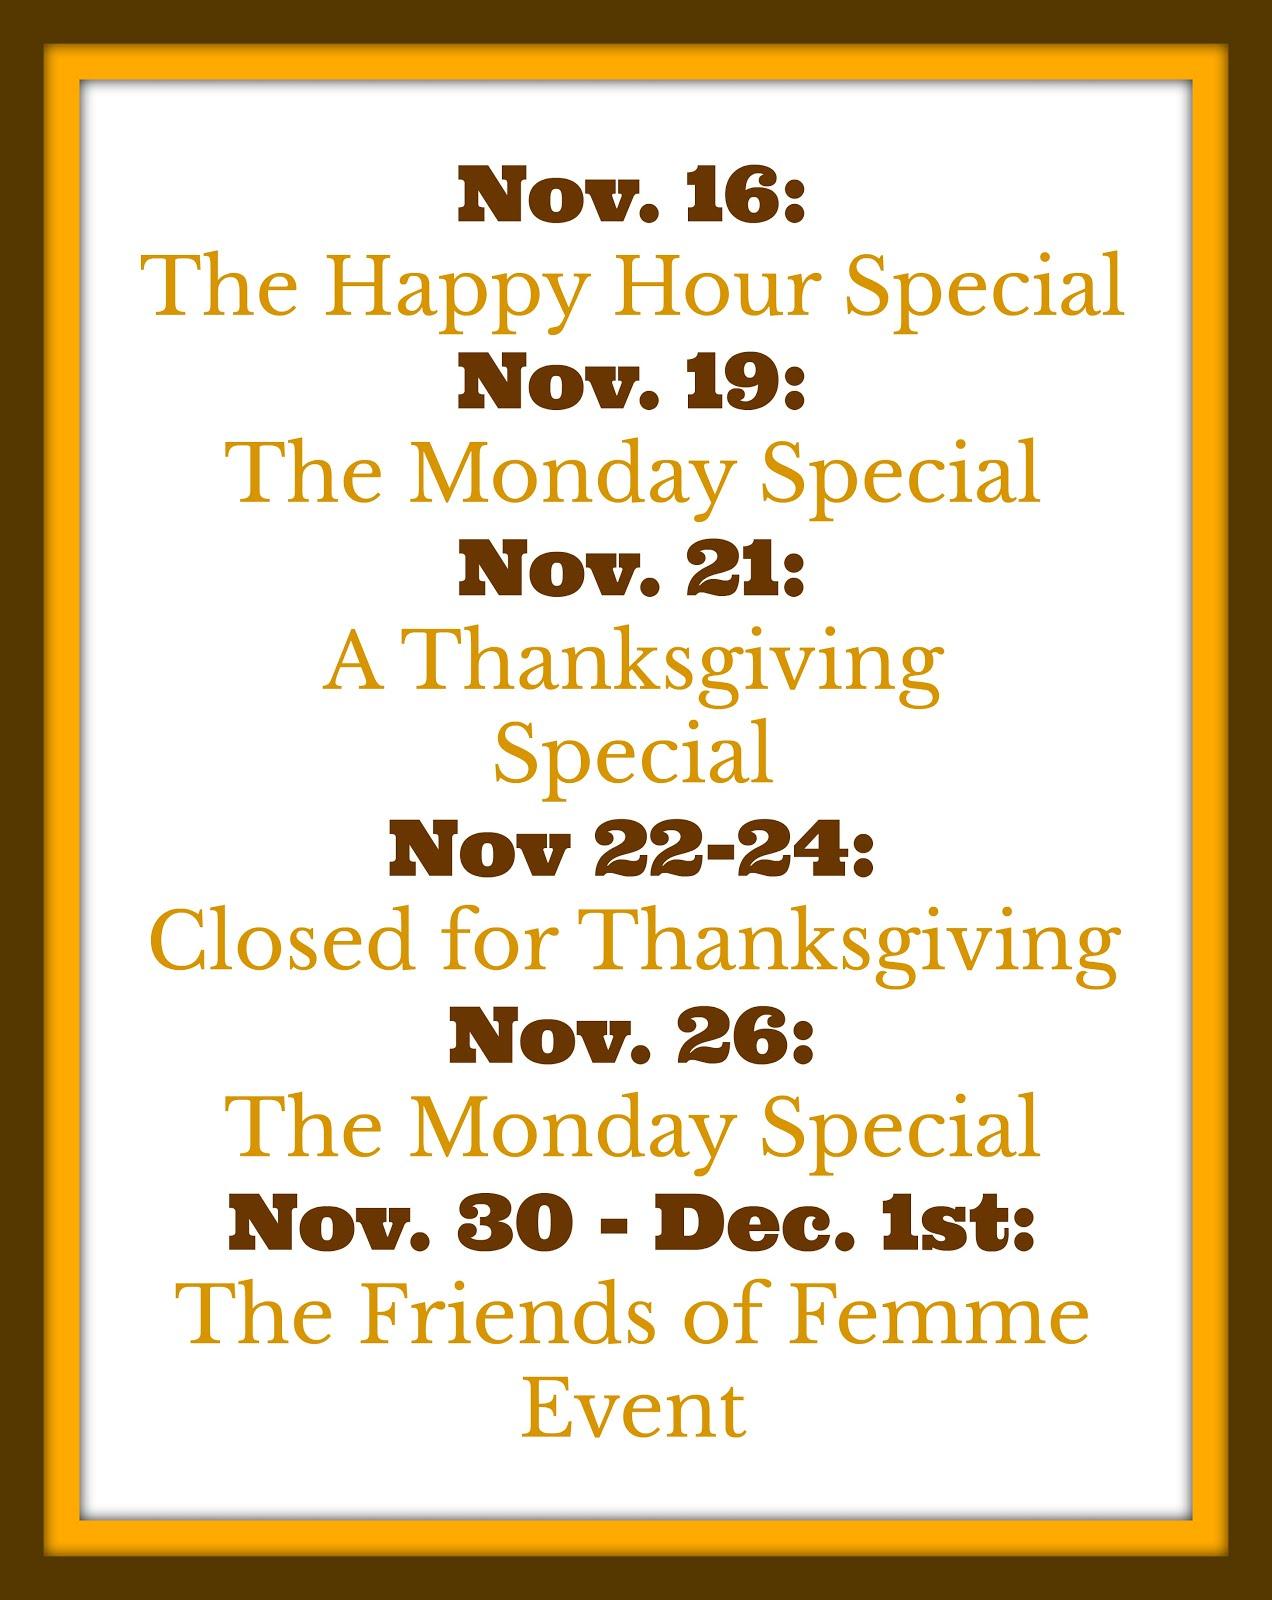 The November Calendar: